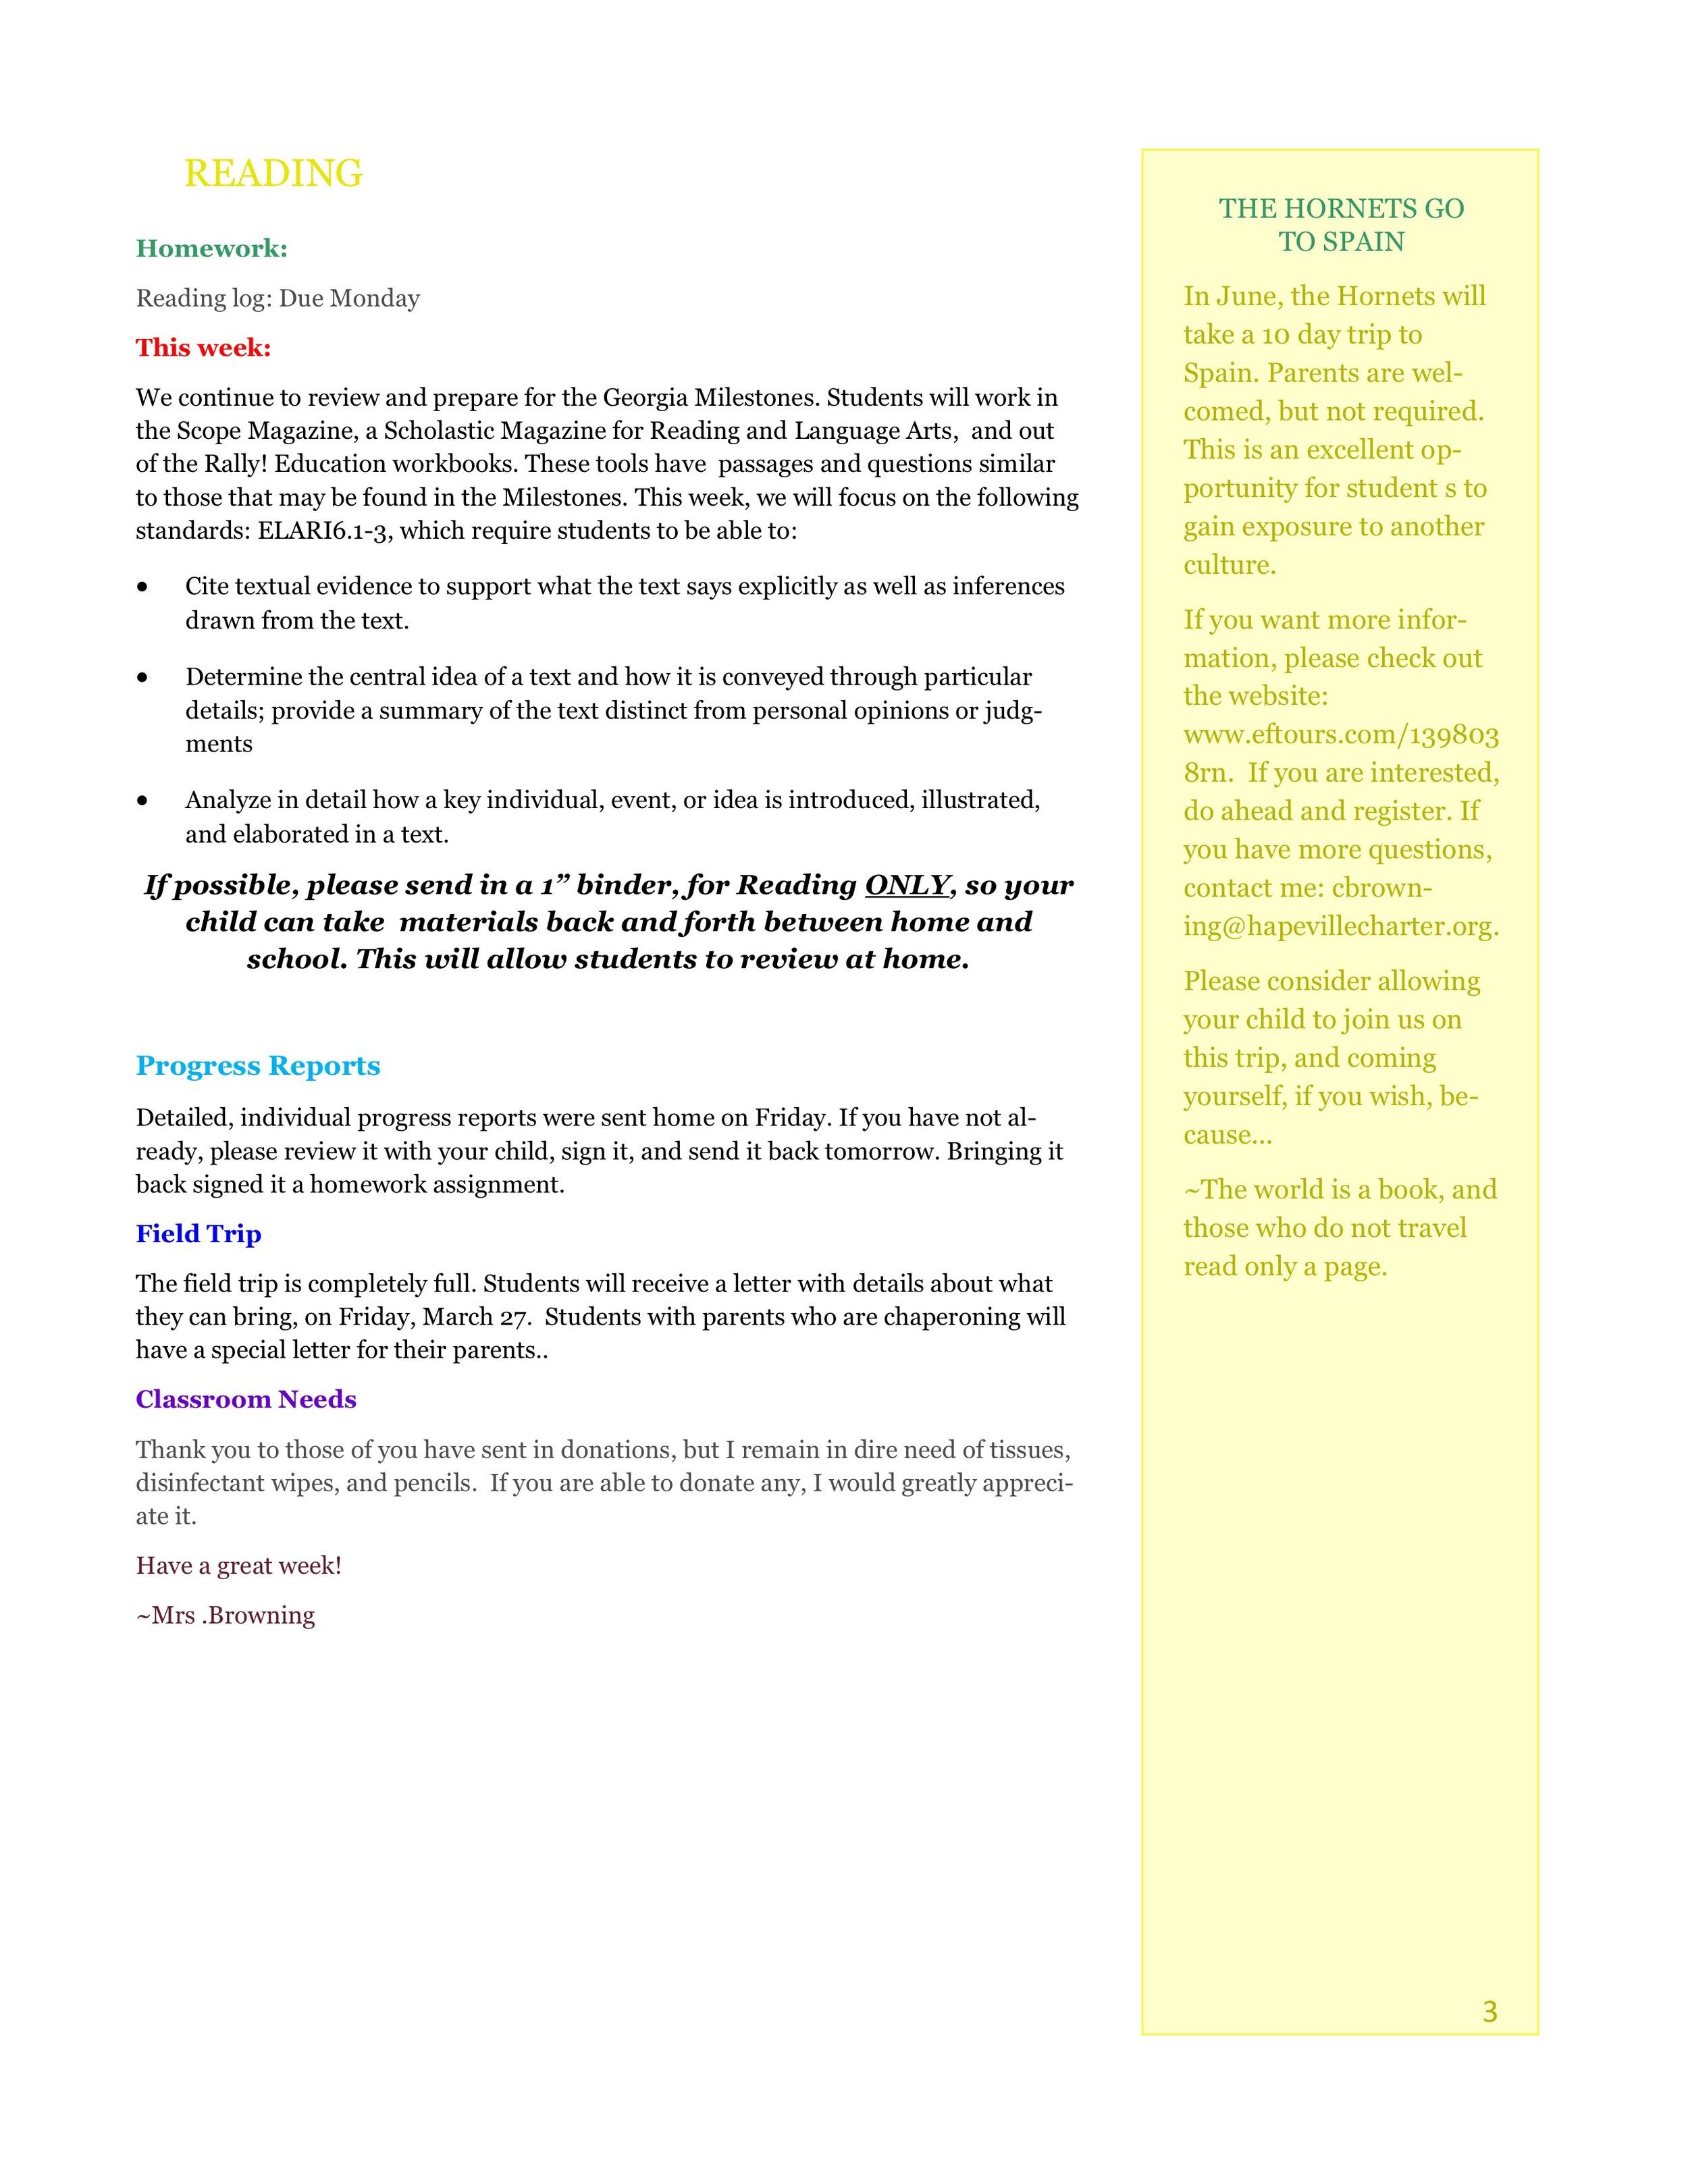 Newsletter ImageMarch 16-20 3.jpeg